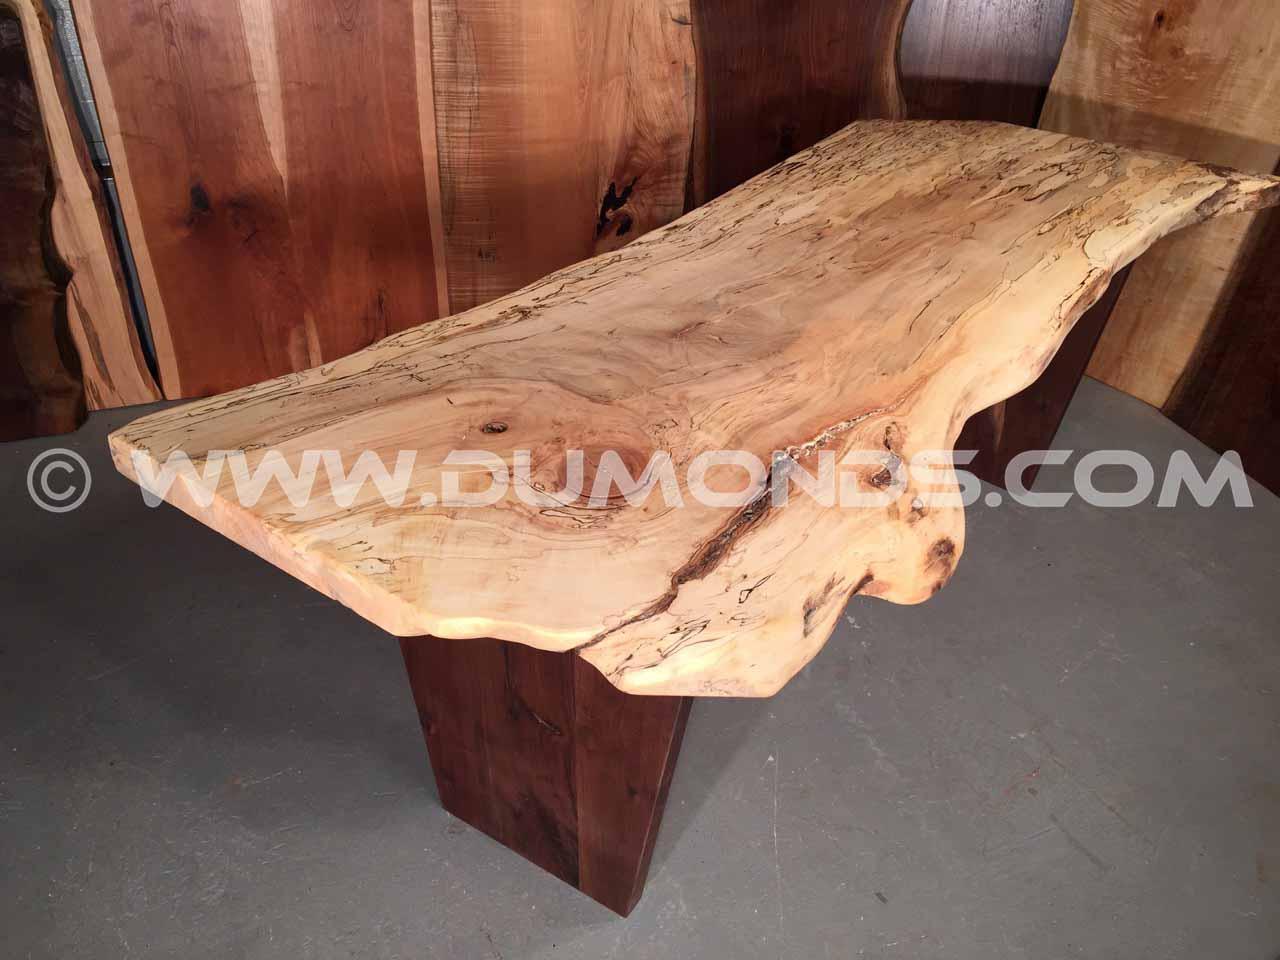 salvaged urban hardwood table